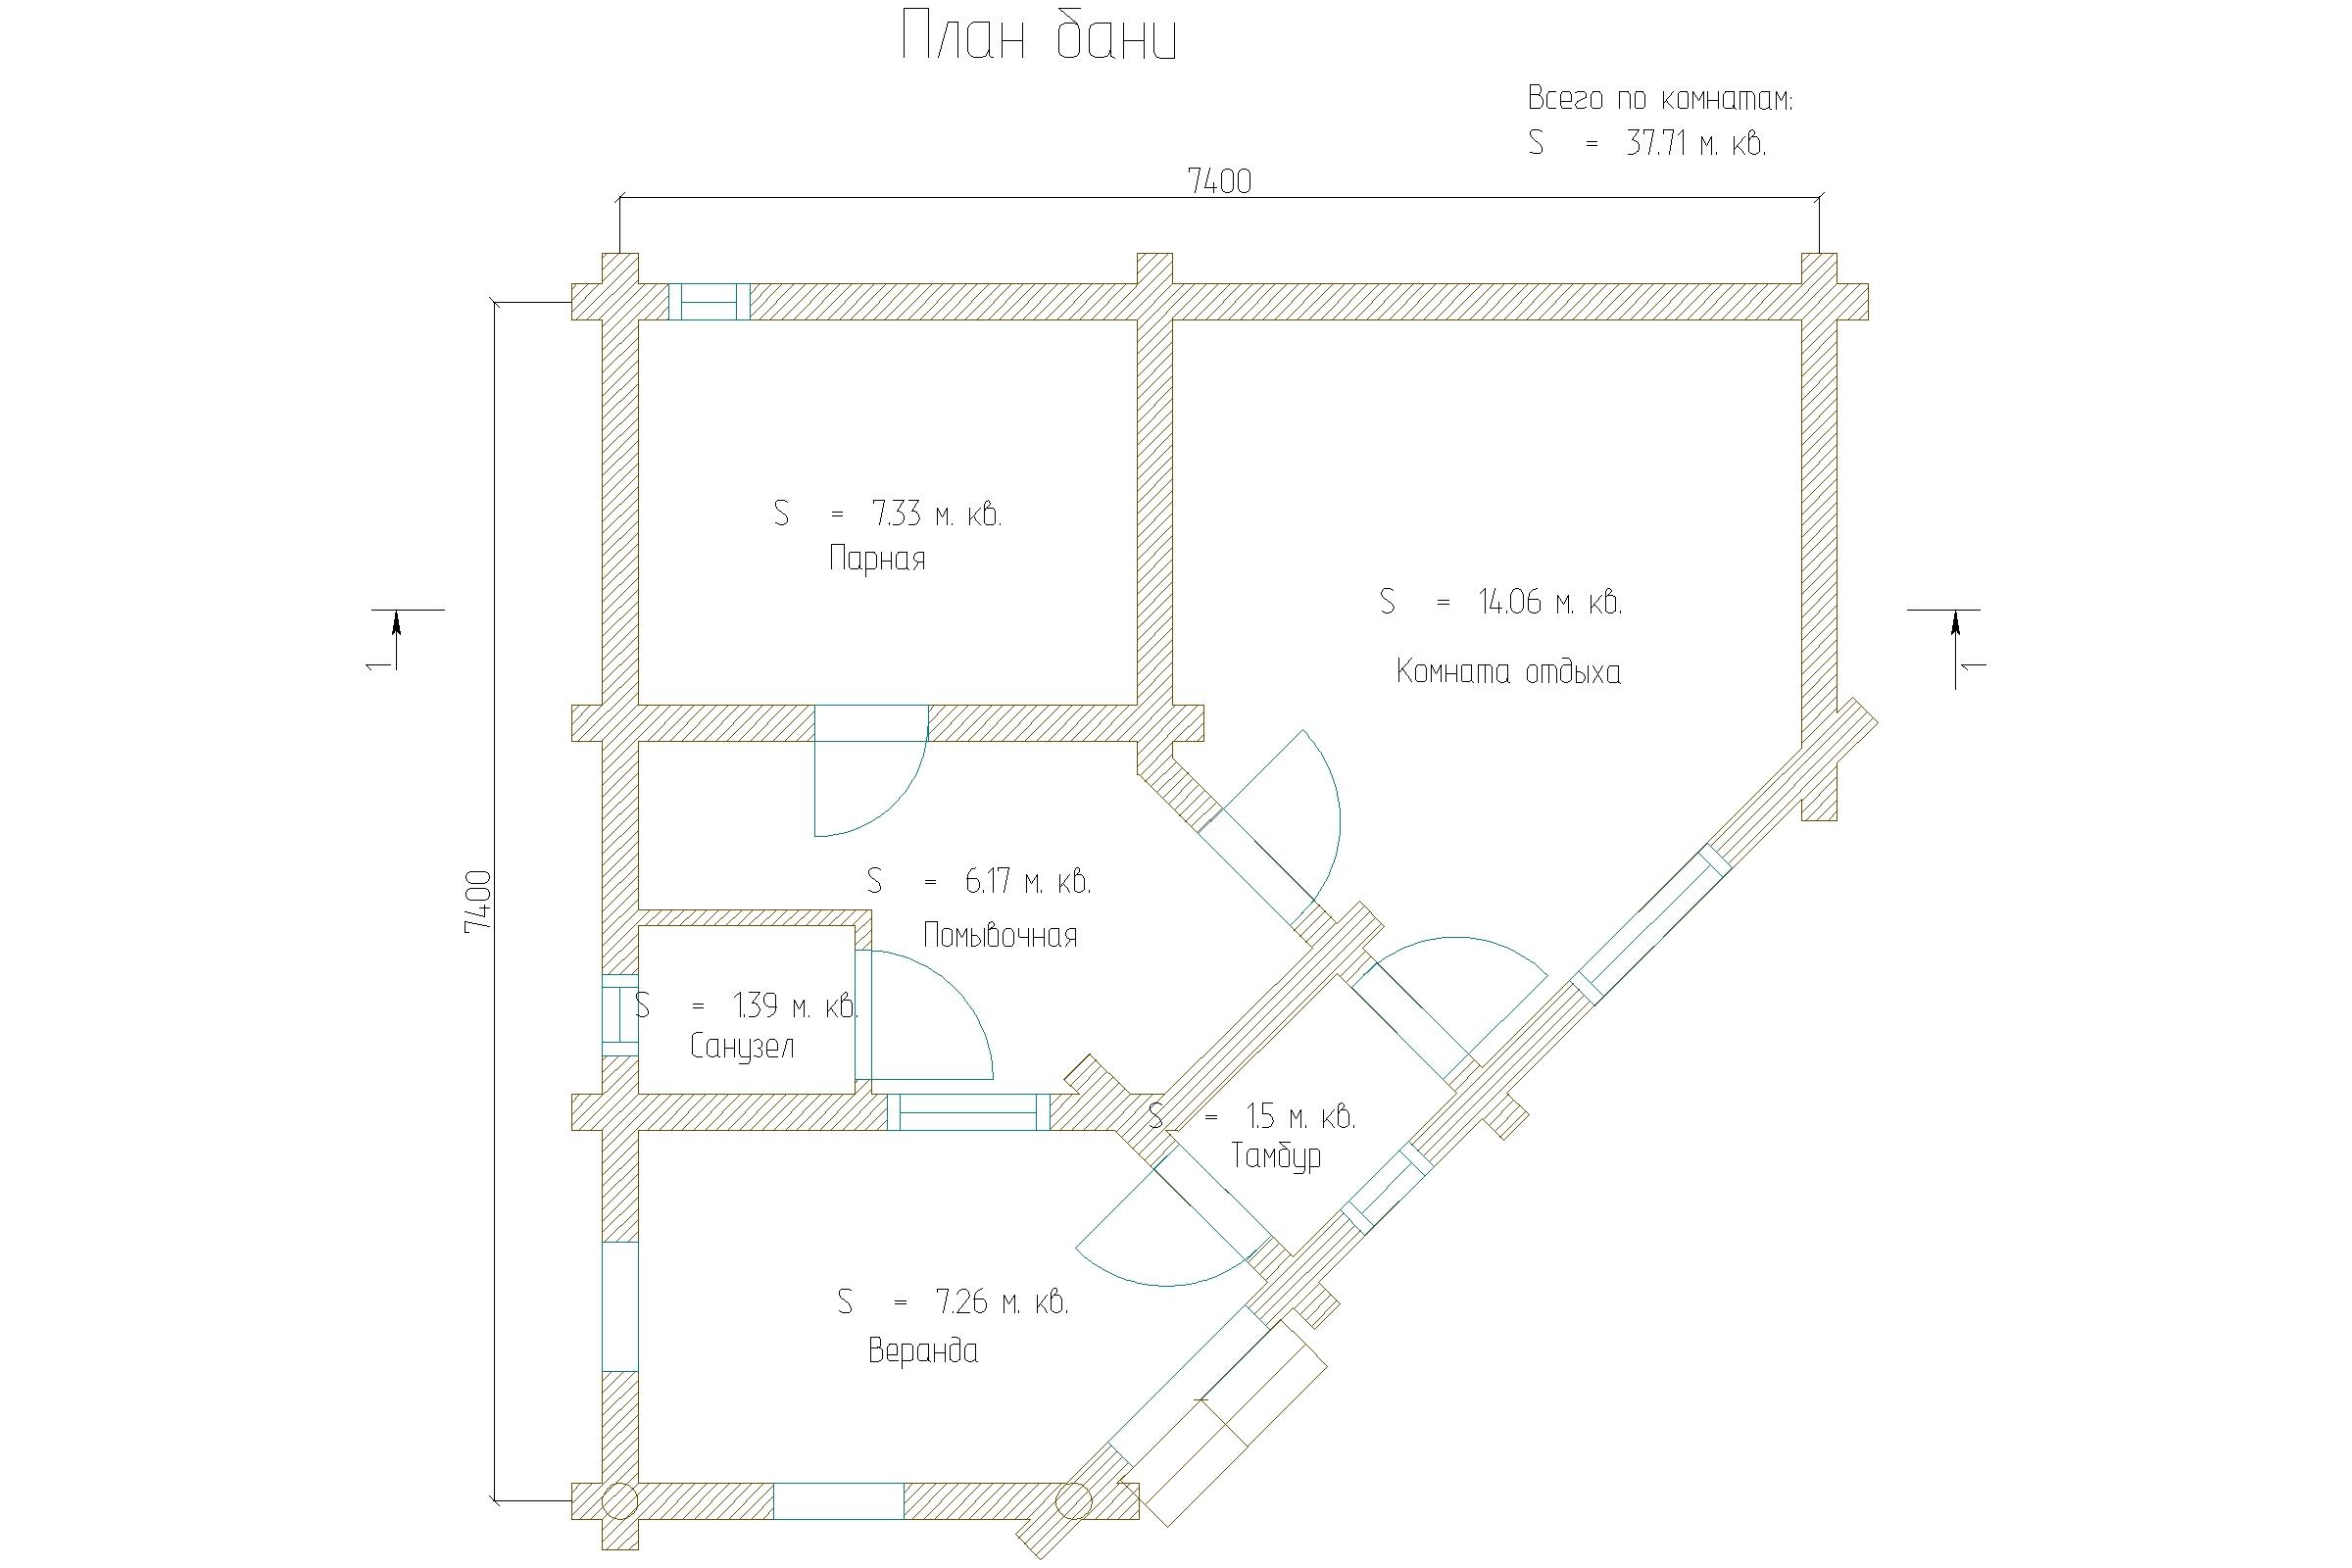 Проект треугольной бани 7.4м х 7.4м ОЦБ 220мм план